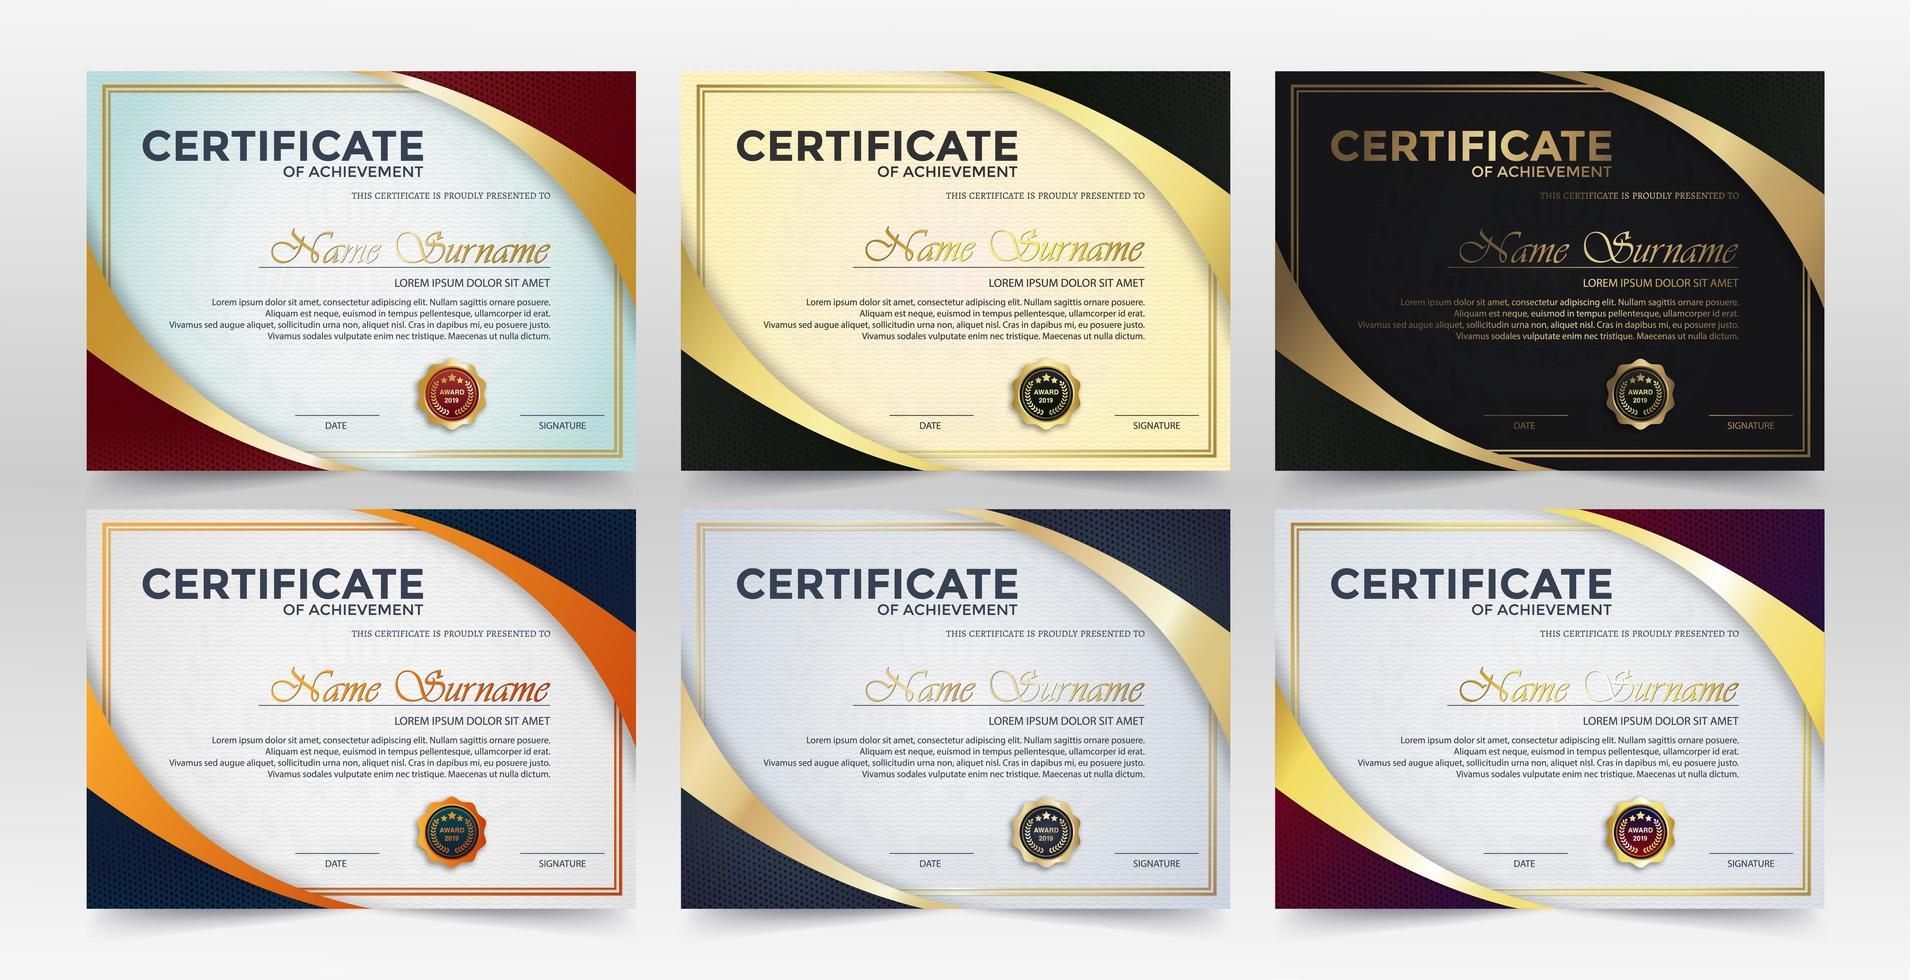 certificato di conseguimento miglior diploma assegnato vettore